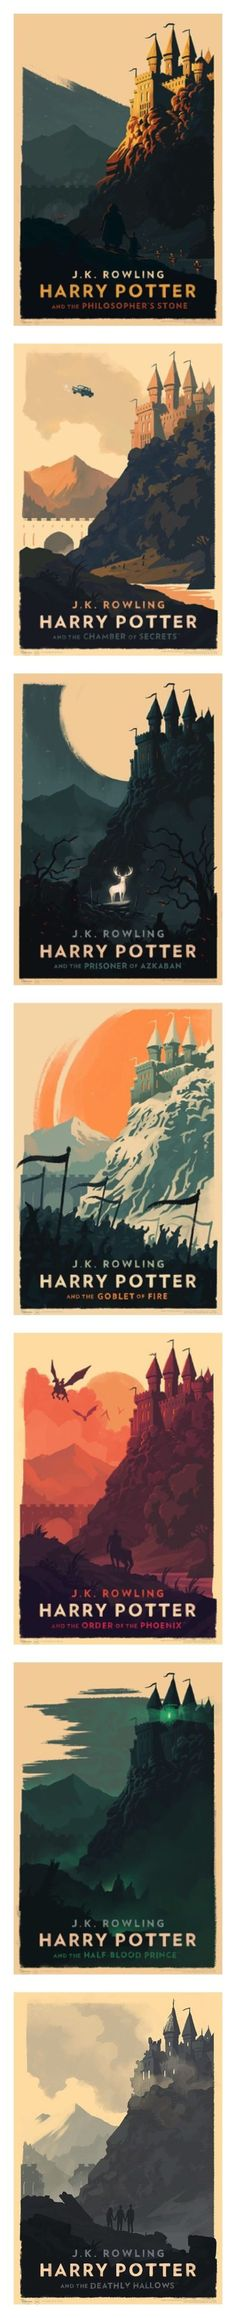 Minimalist Harry Potter art prints designed by Olly Moss #HarryPotter alles für Ihren Erfolg - www.ratsucher.de